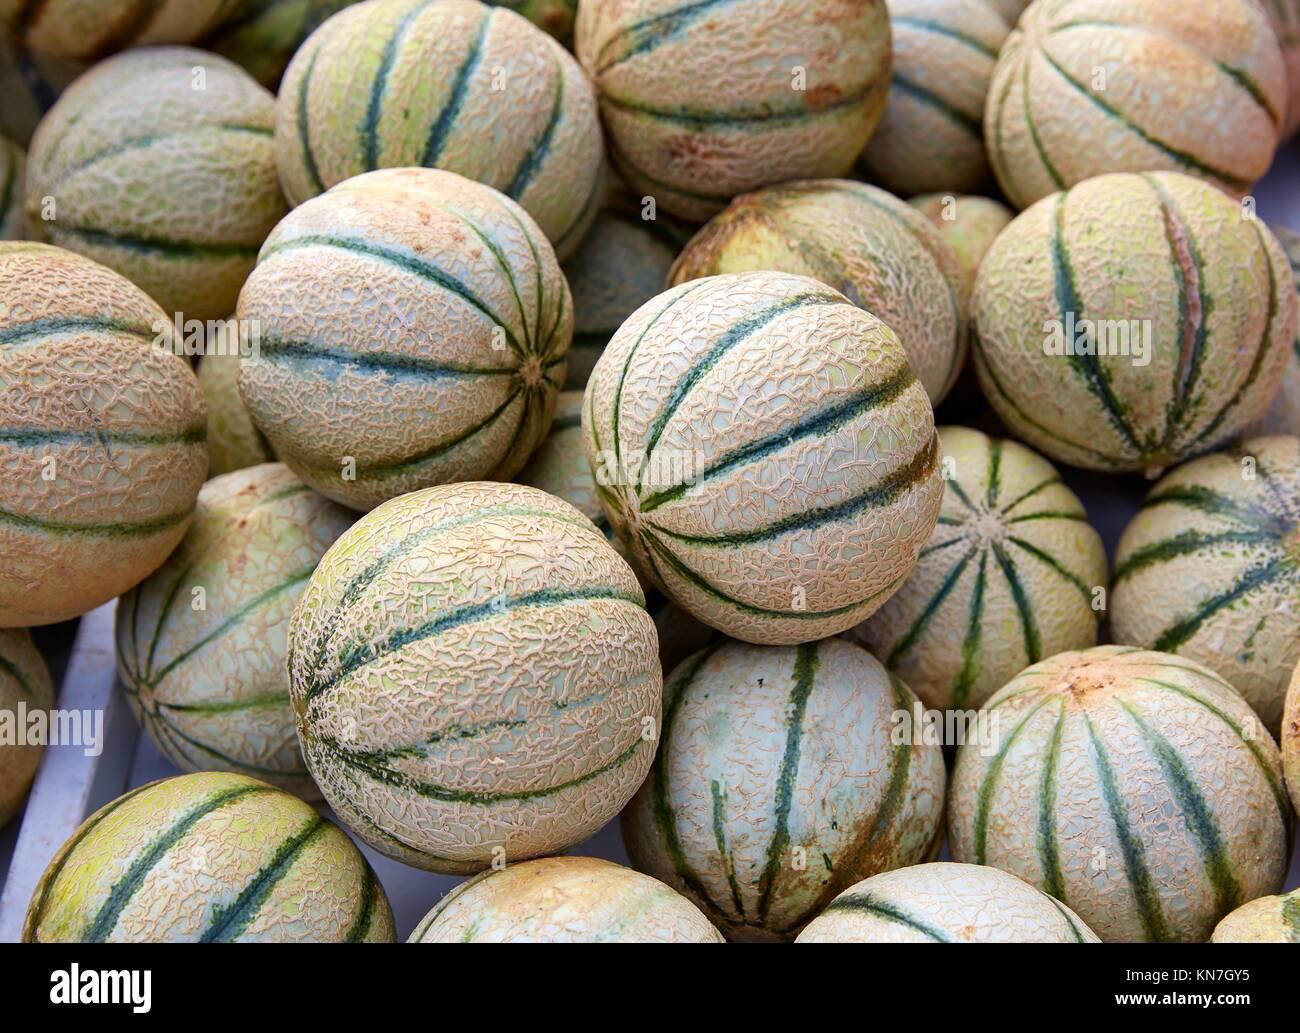 Melone meloni al mercato impilati. Immagini Stock